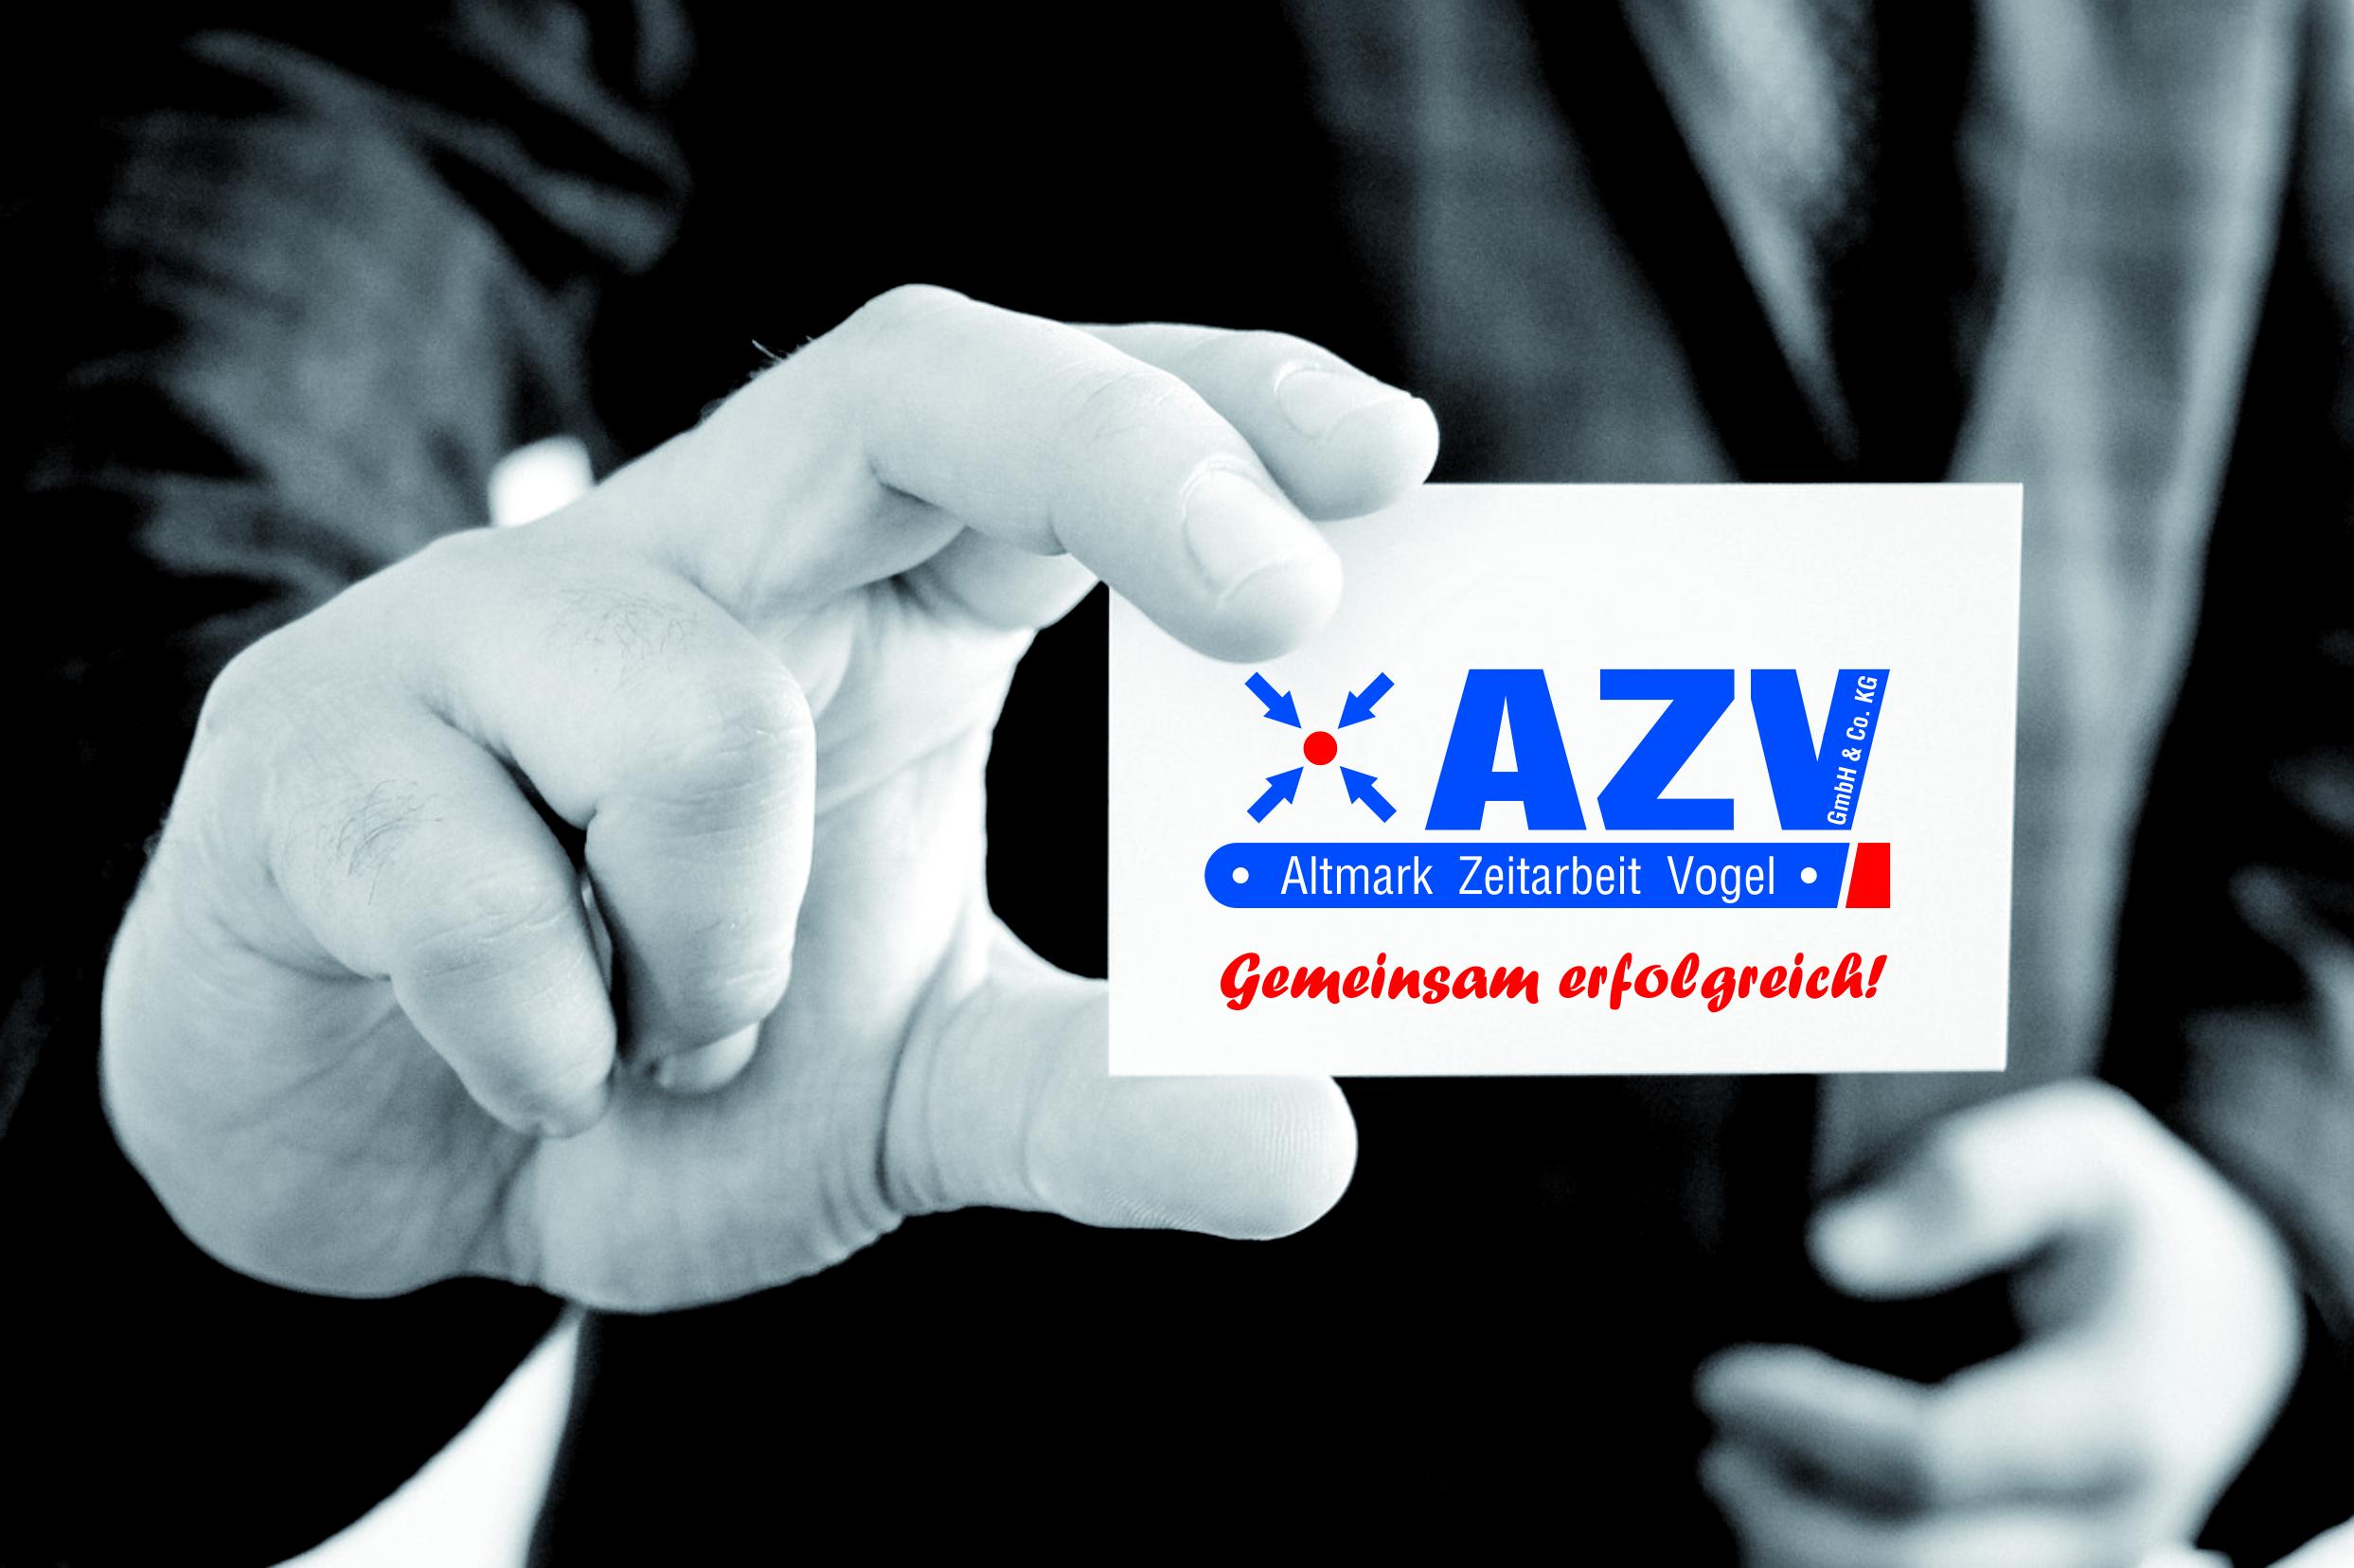 AZV-Altmark Zeitarbeit Vogel GmbH & Co. KG